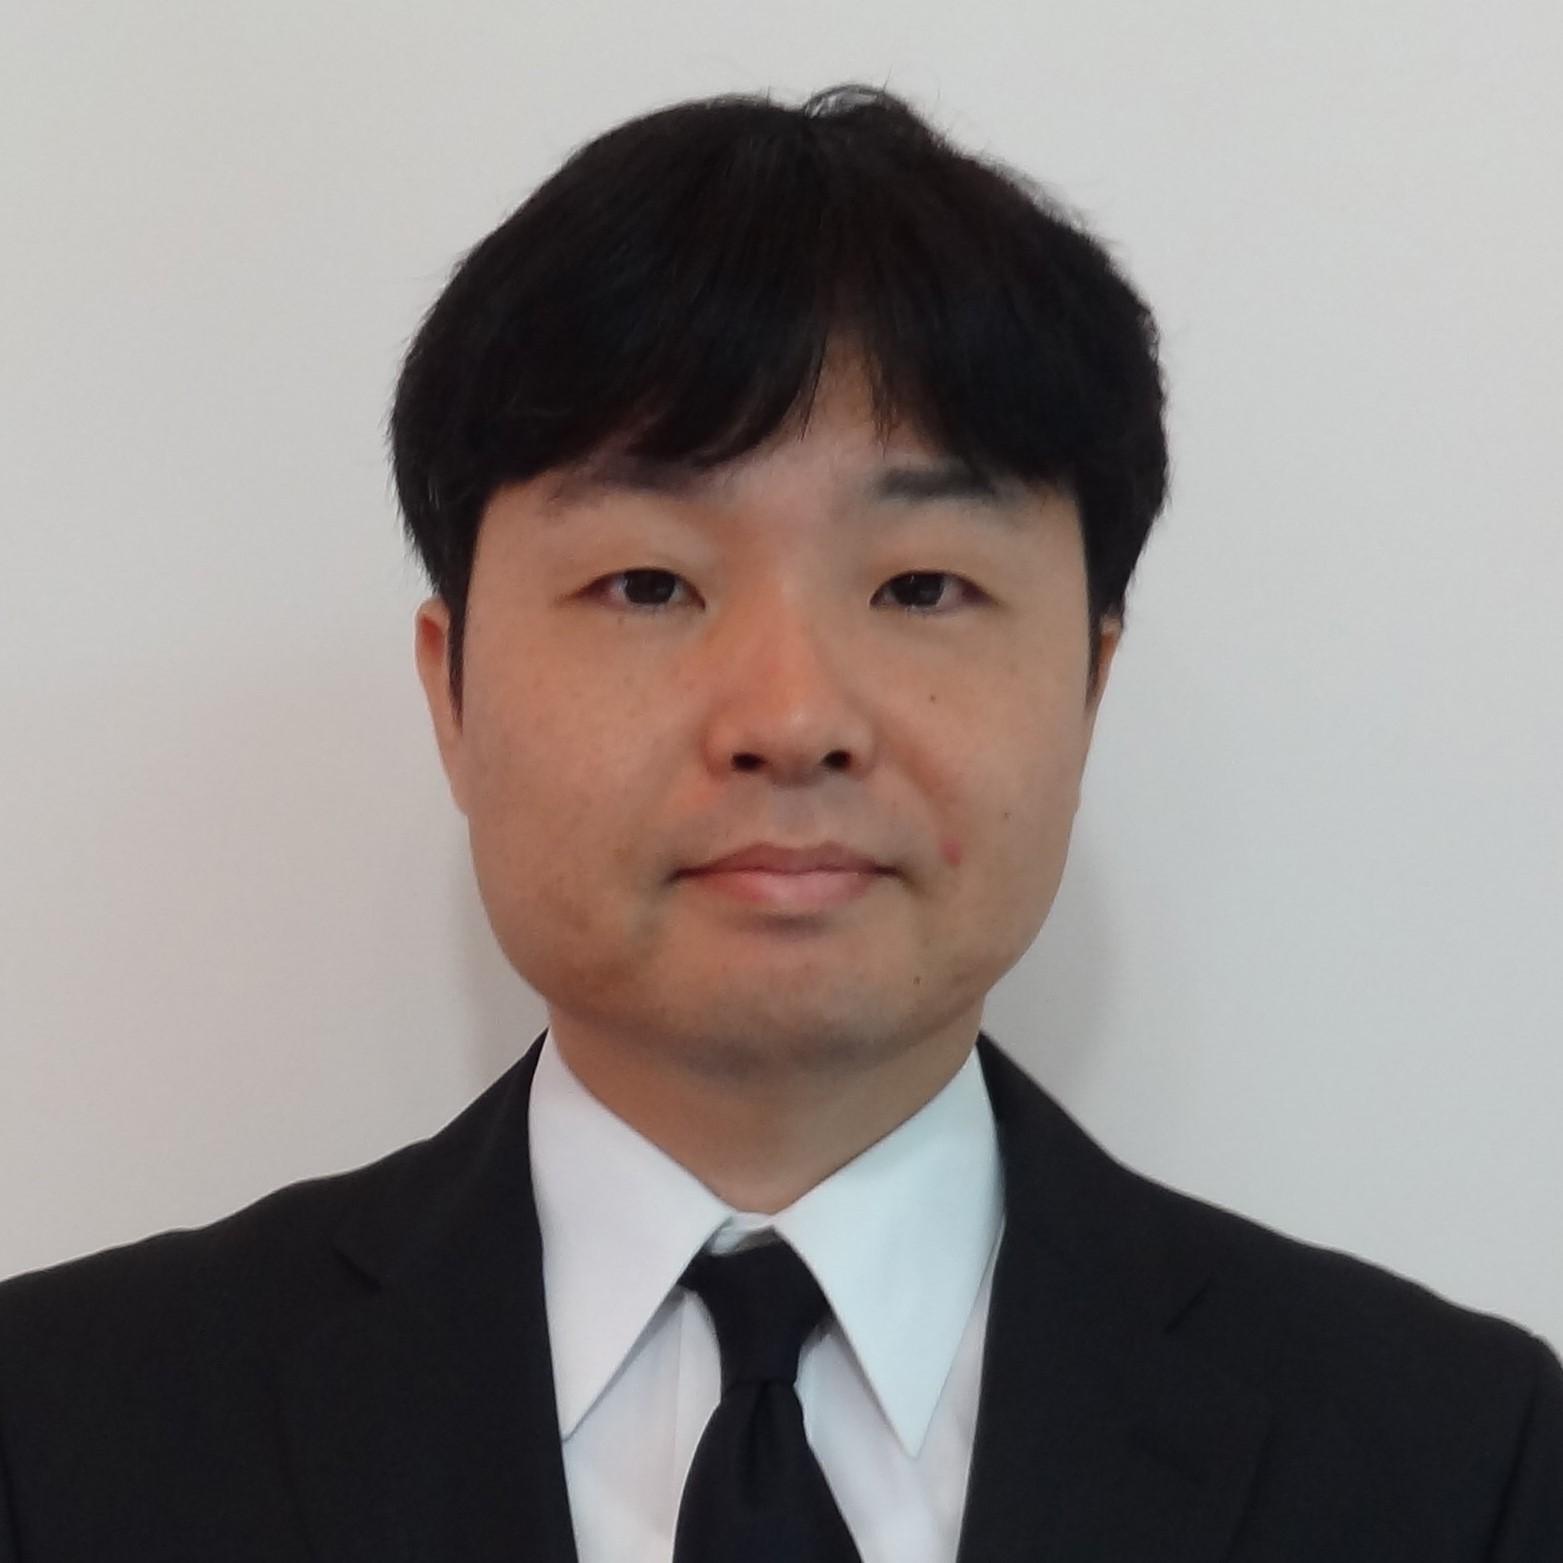 京都働き方改革推進支援センター  横手崇氏